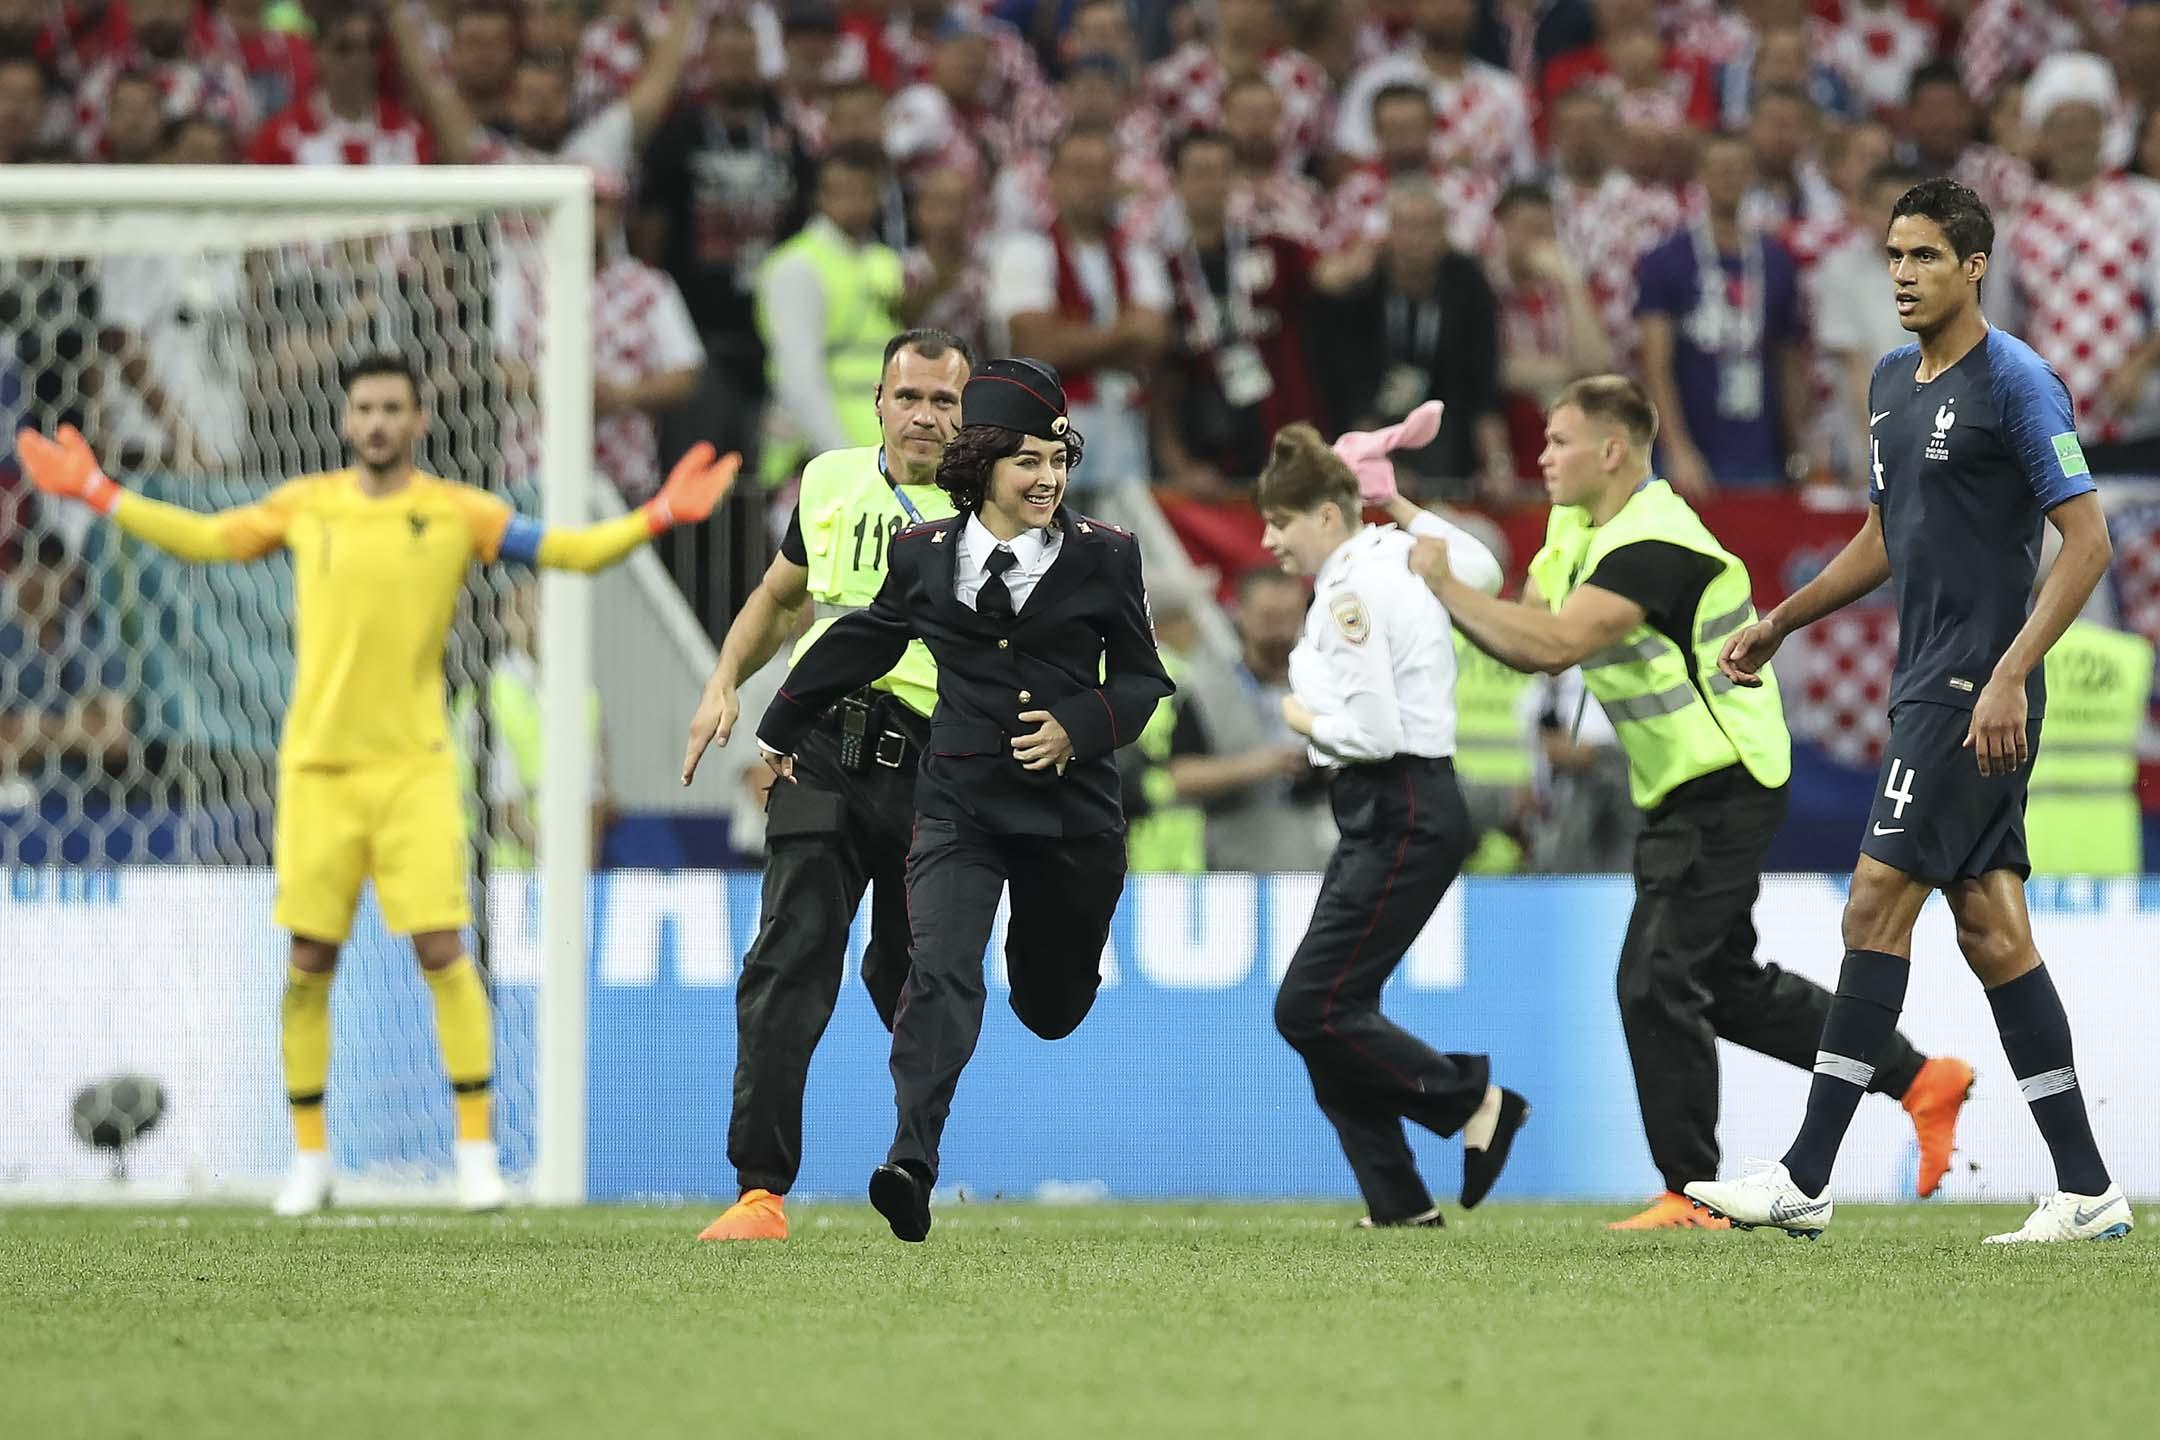 2018年7月15日,世界盃決賽下半場比賽期間,有示威者衝入球場,迫使比賽中斷,反普亭俄羅斯樂隊「Pussy Riot」其後承認責任。 攝:Ian MacNicol/Getty Images